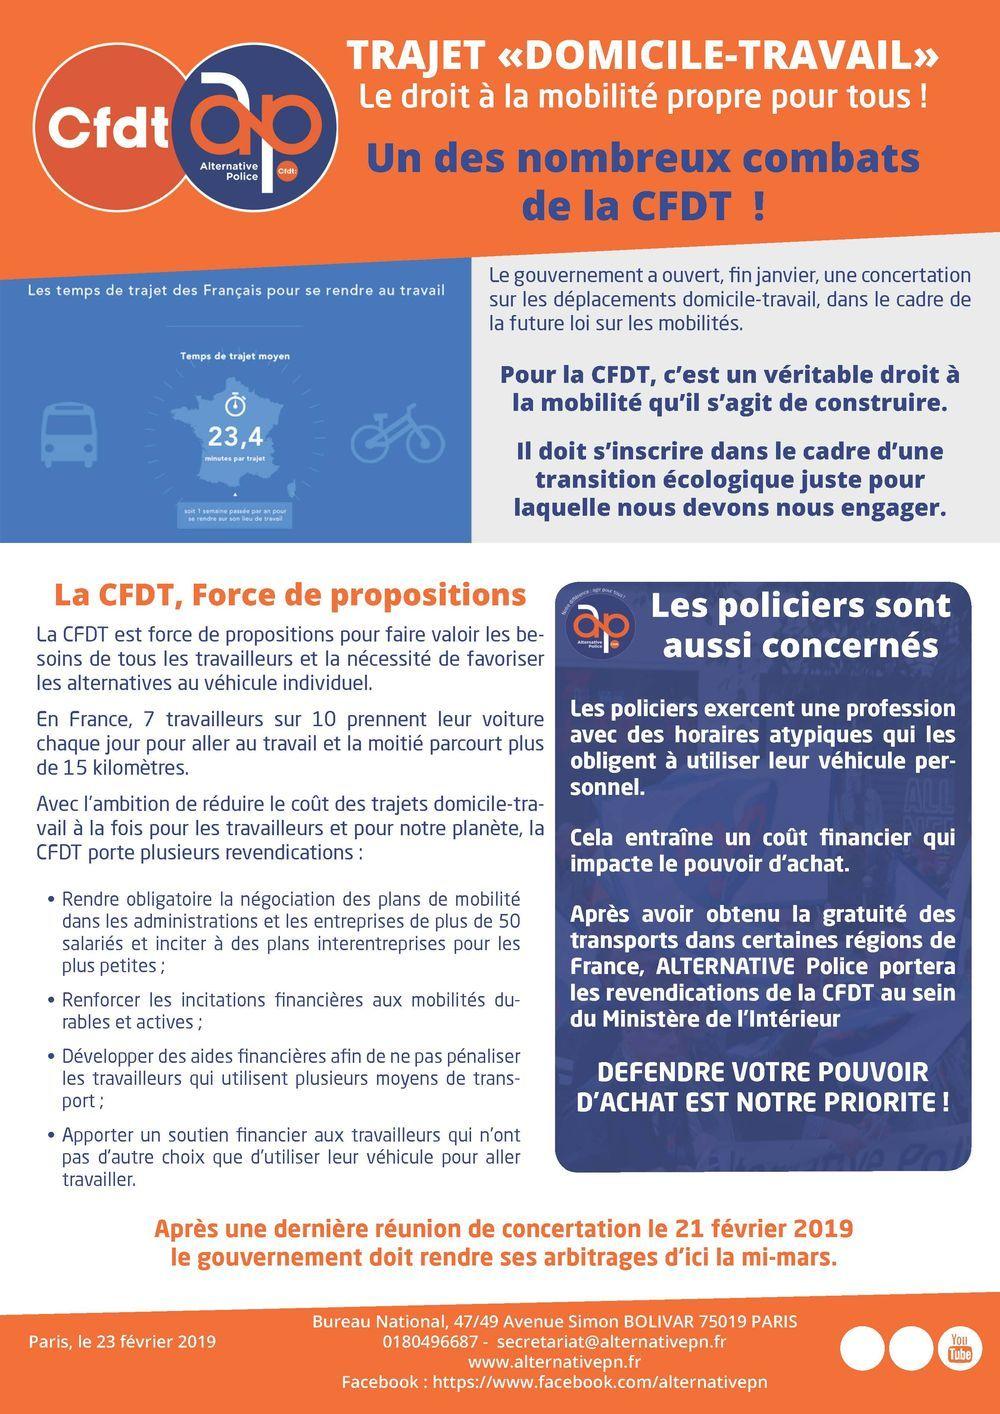 """Trajet """"Domicile-Travail : Le droit à la mobilité propre pour tous !"""